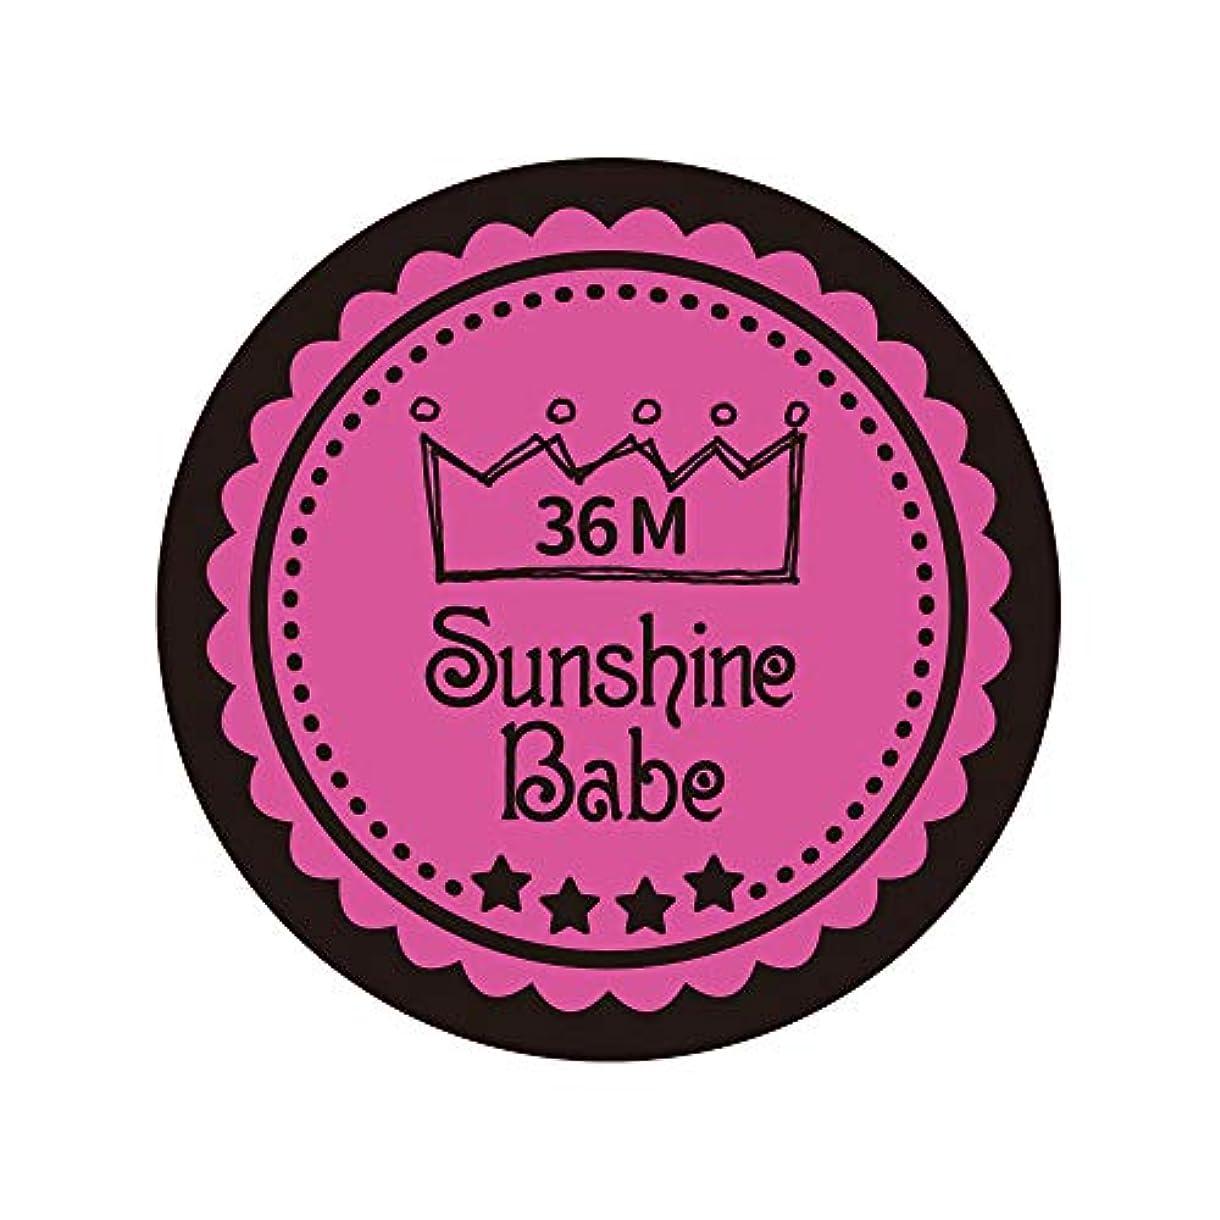 巨人ポンペイ歩行者Sunshine Babe カラージェル 36M クロッカスピンク 4g UV/LED対応